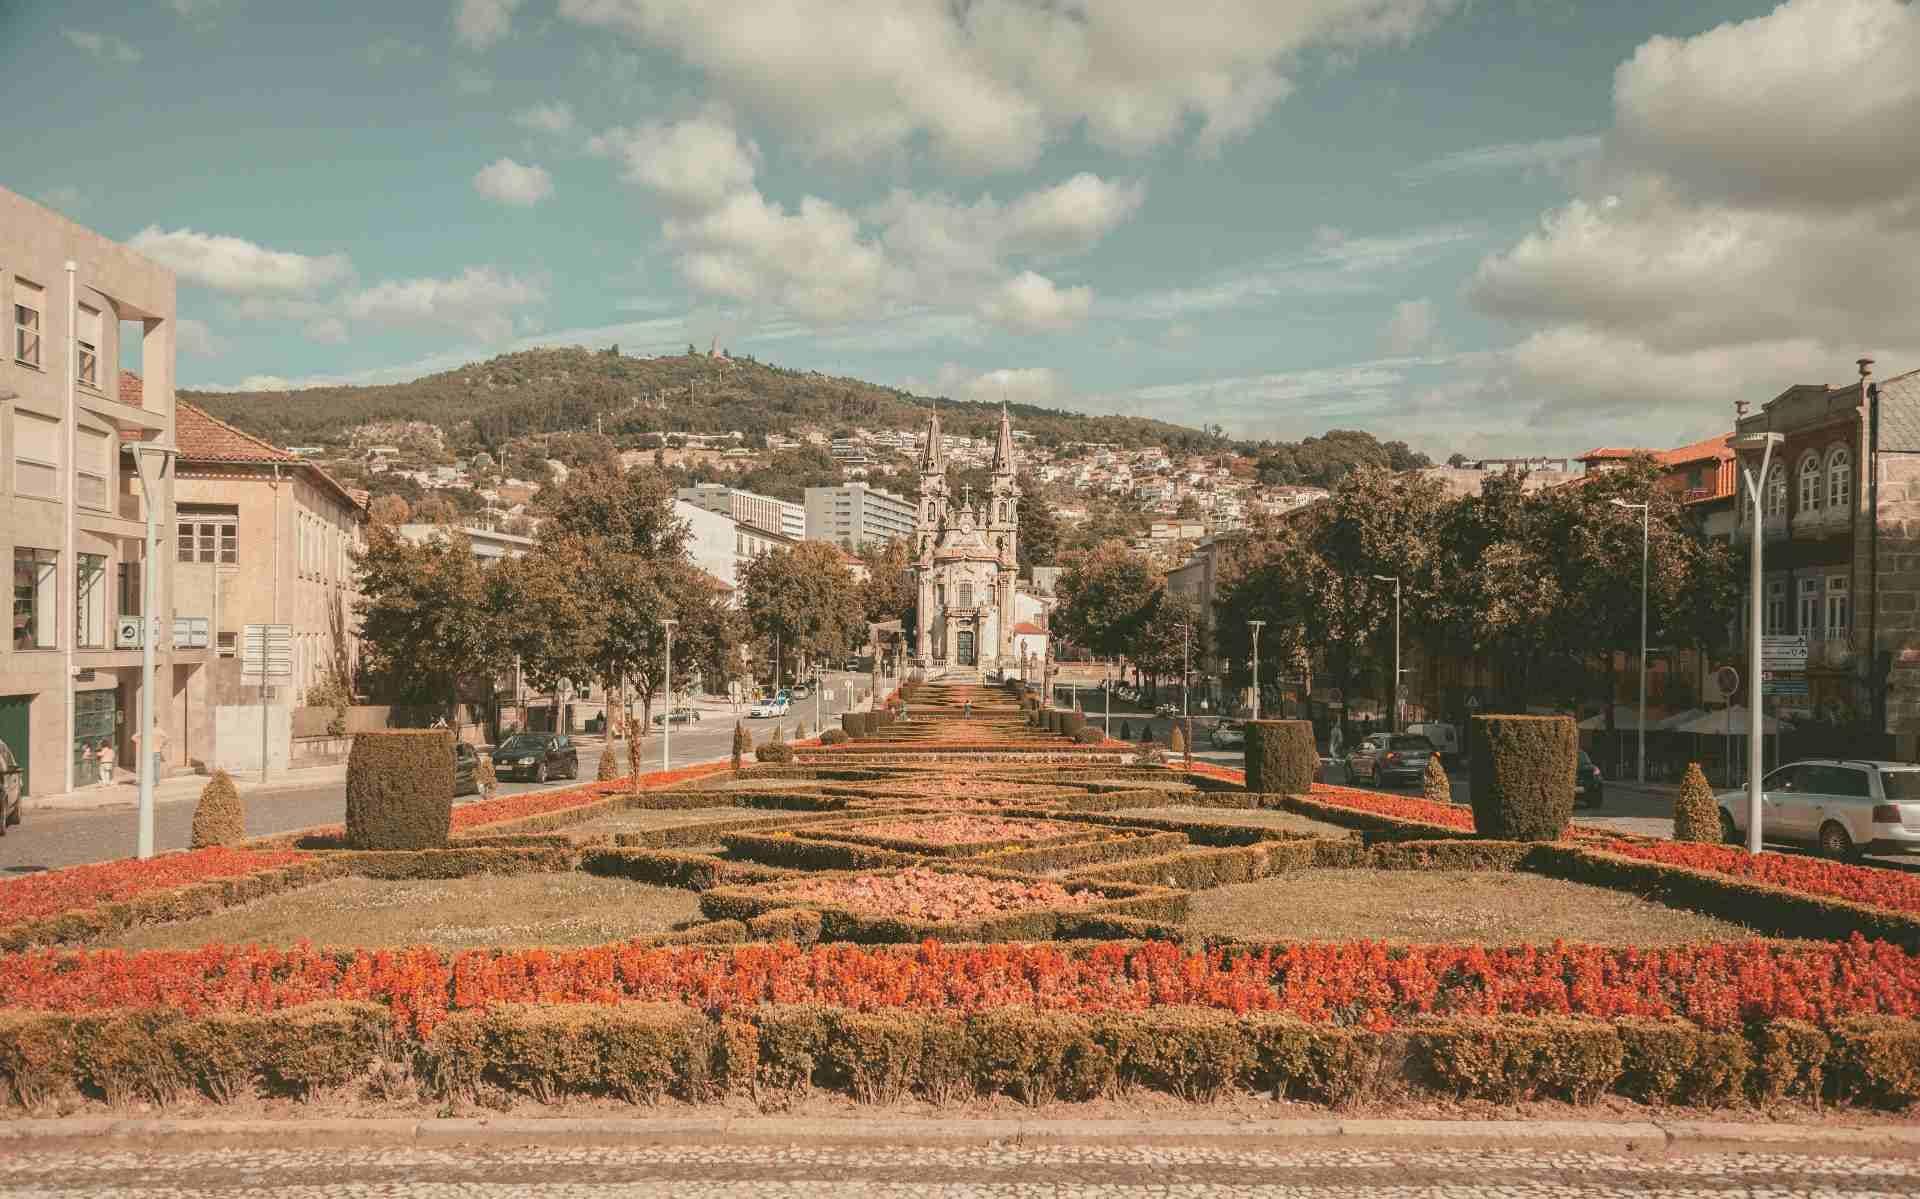 Guimaraes image